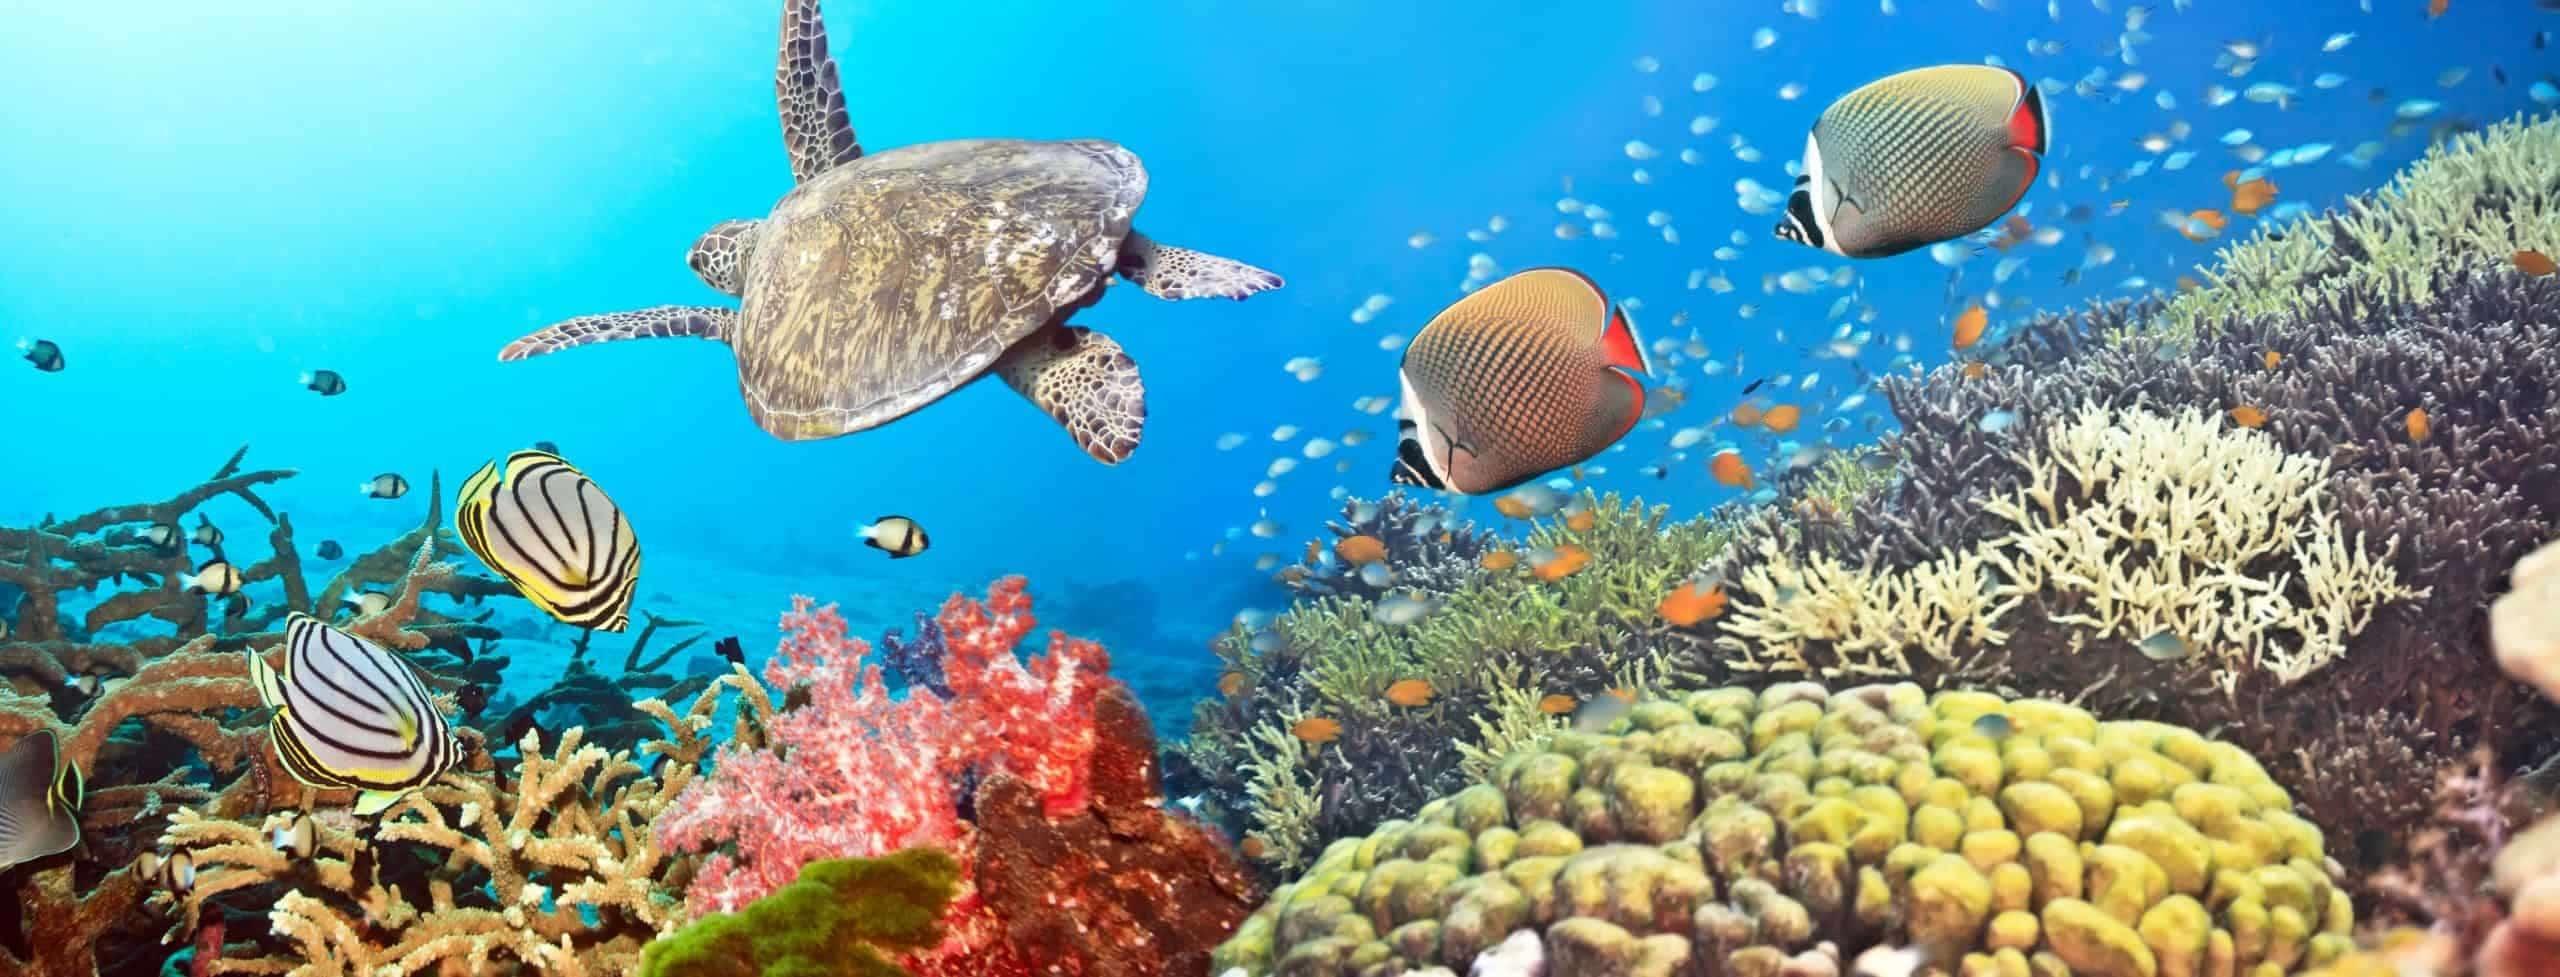 Similan islands, underwater, Thailand